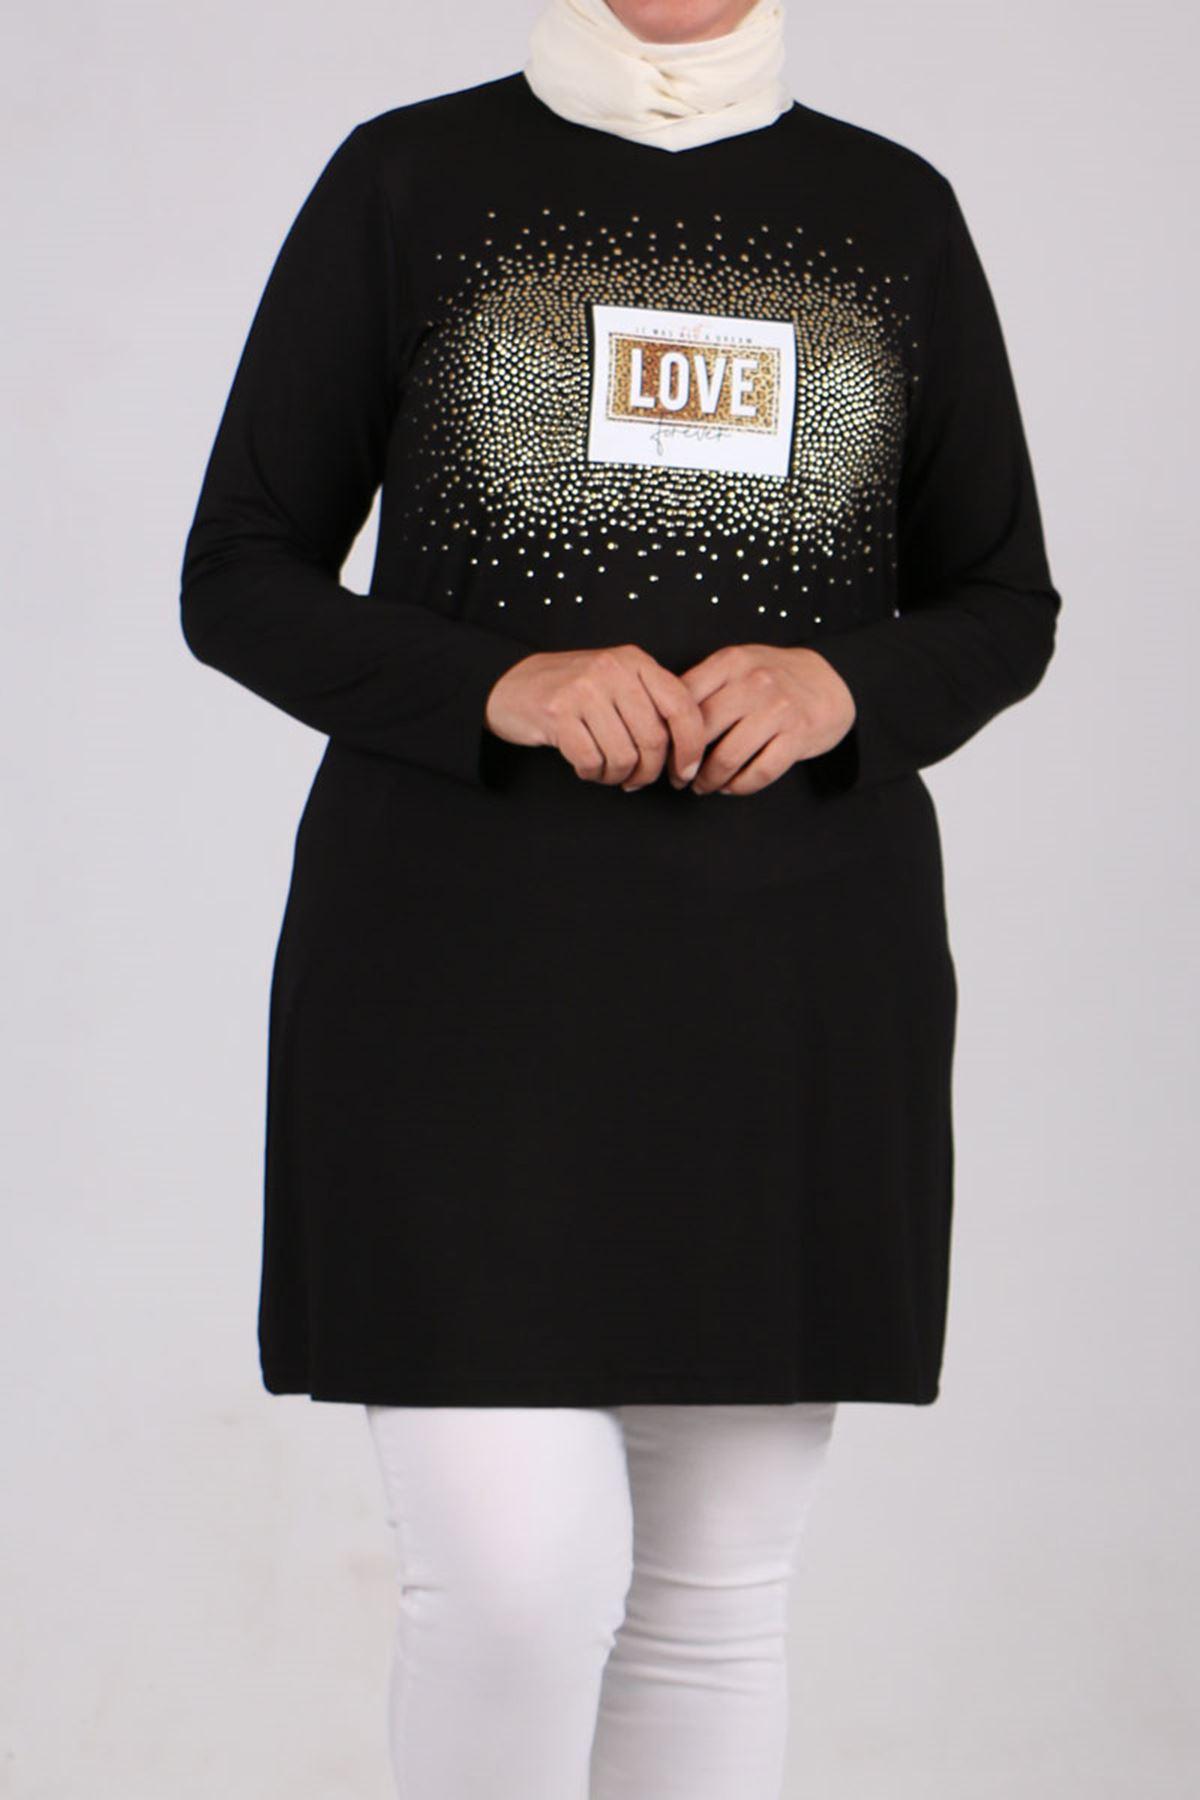 8478 Büyük Beden Love Baskılı Penye Tunik - Siyah